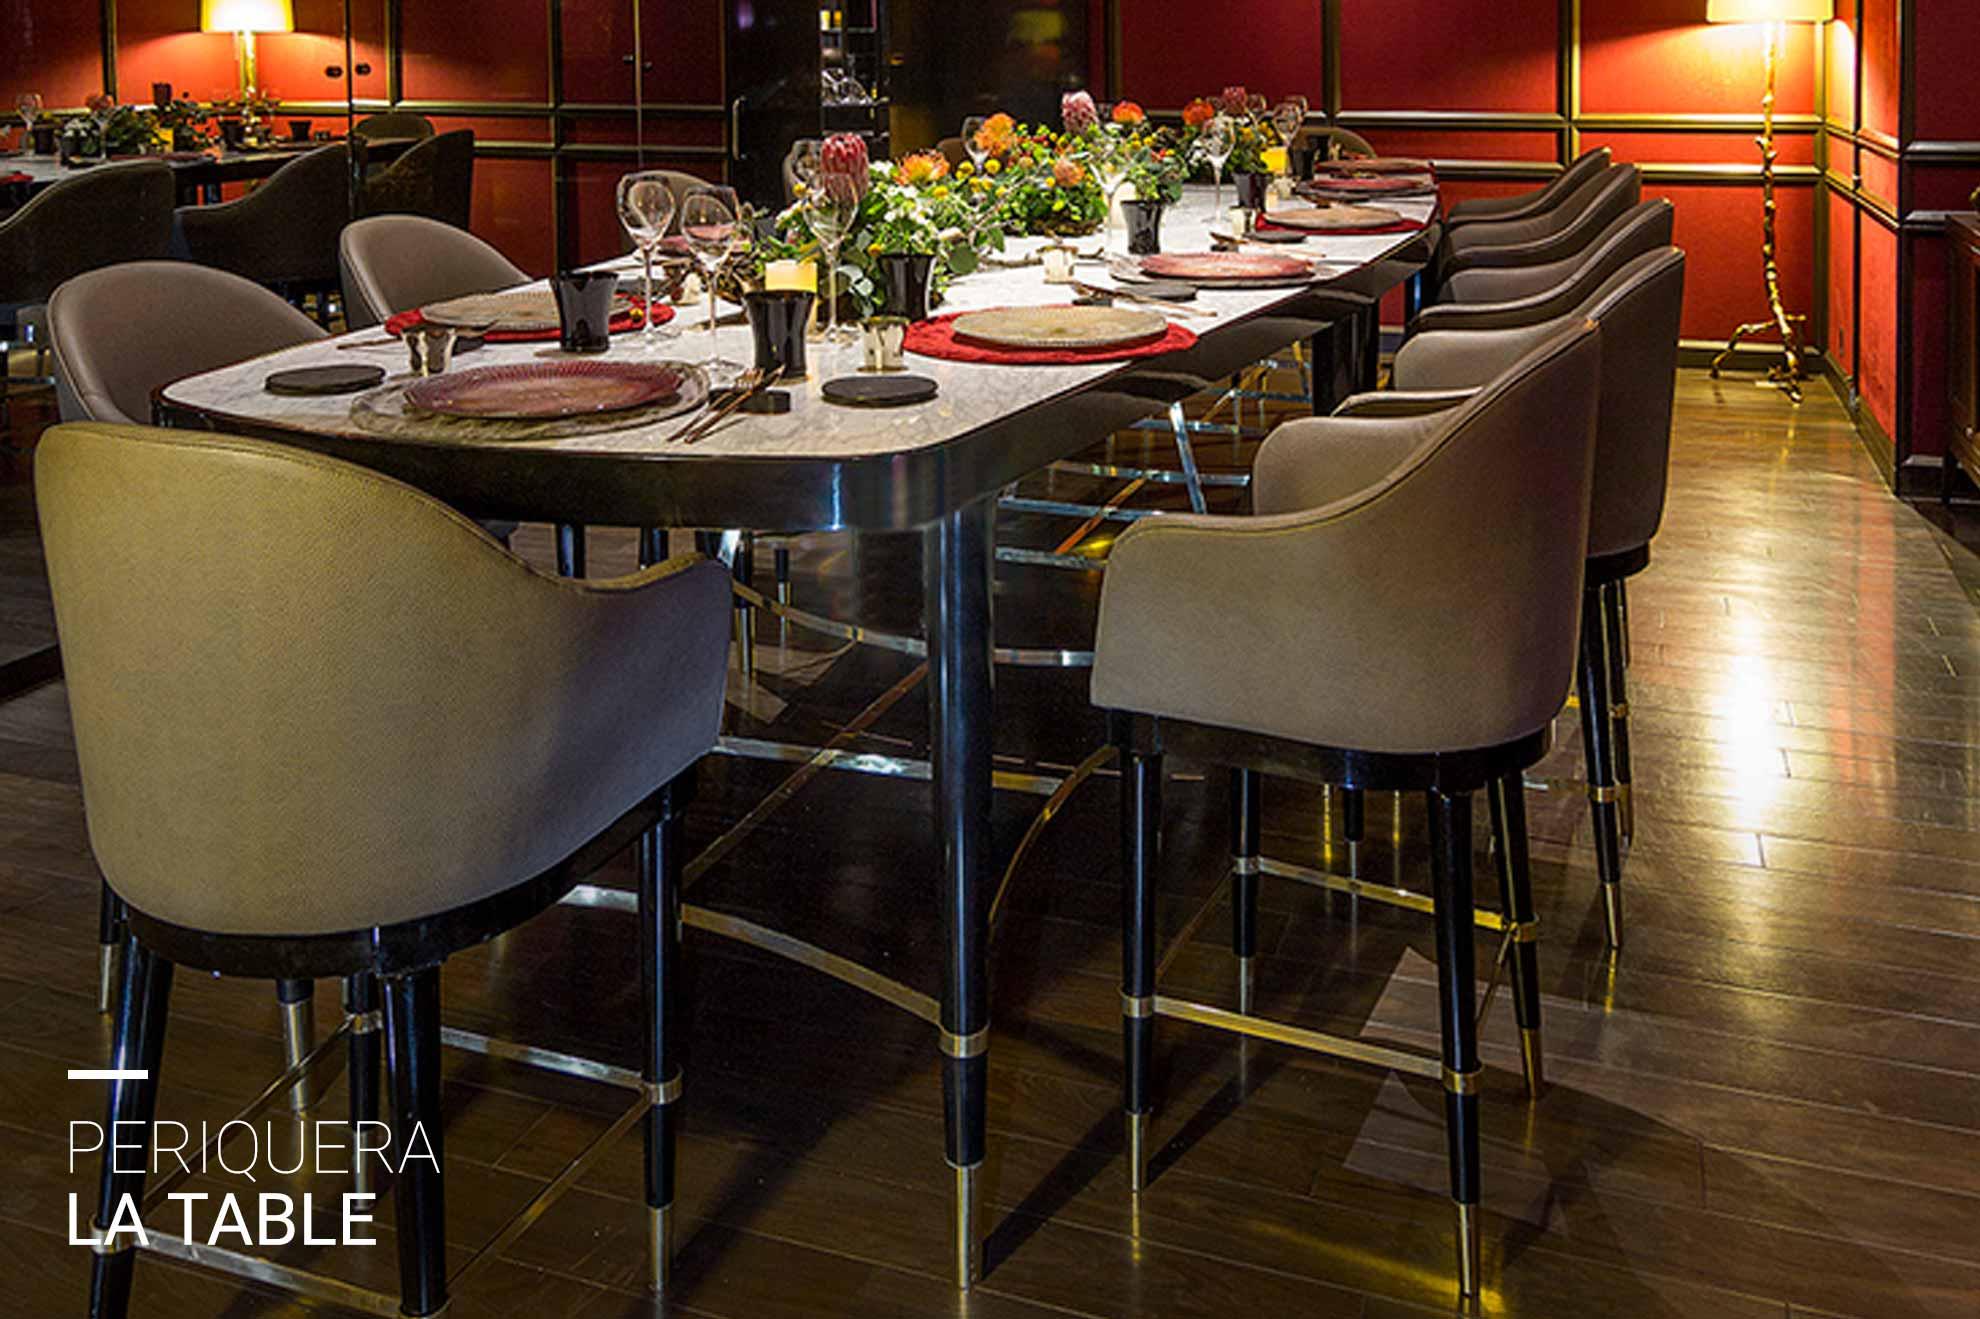 Muebles de diseño creados por Depa 102 para St.Regis México.